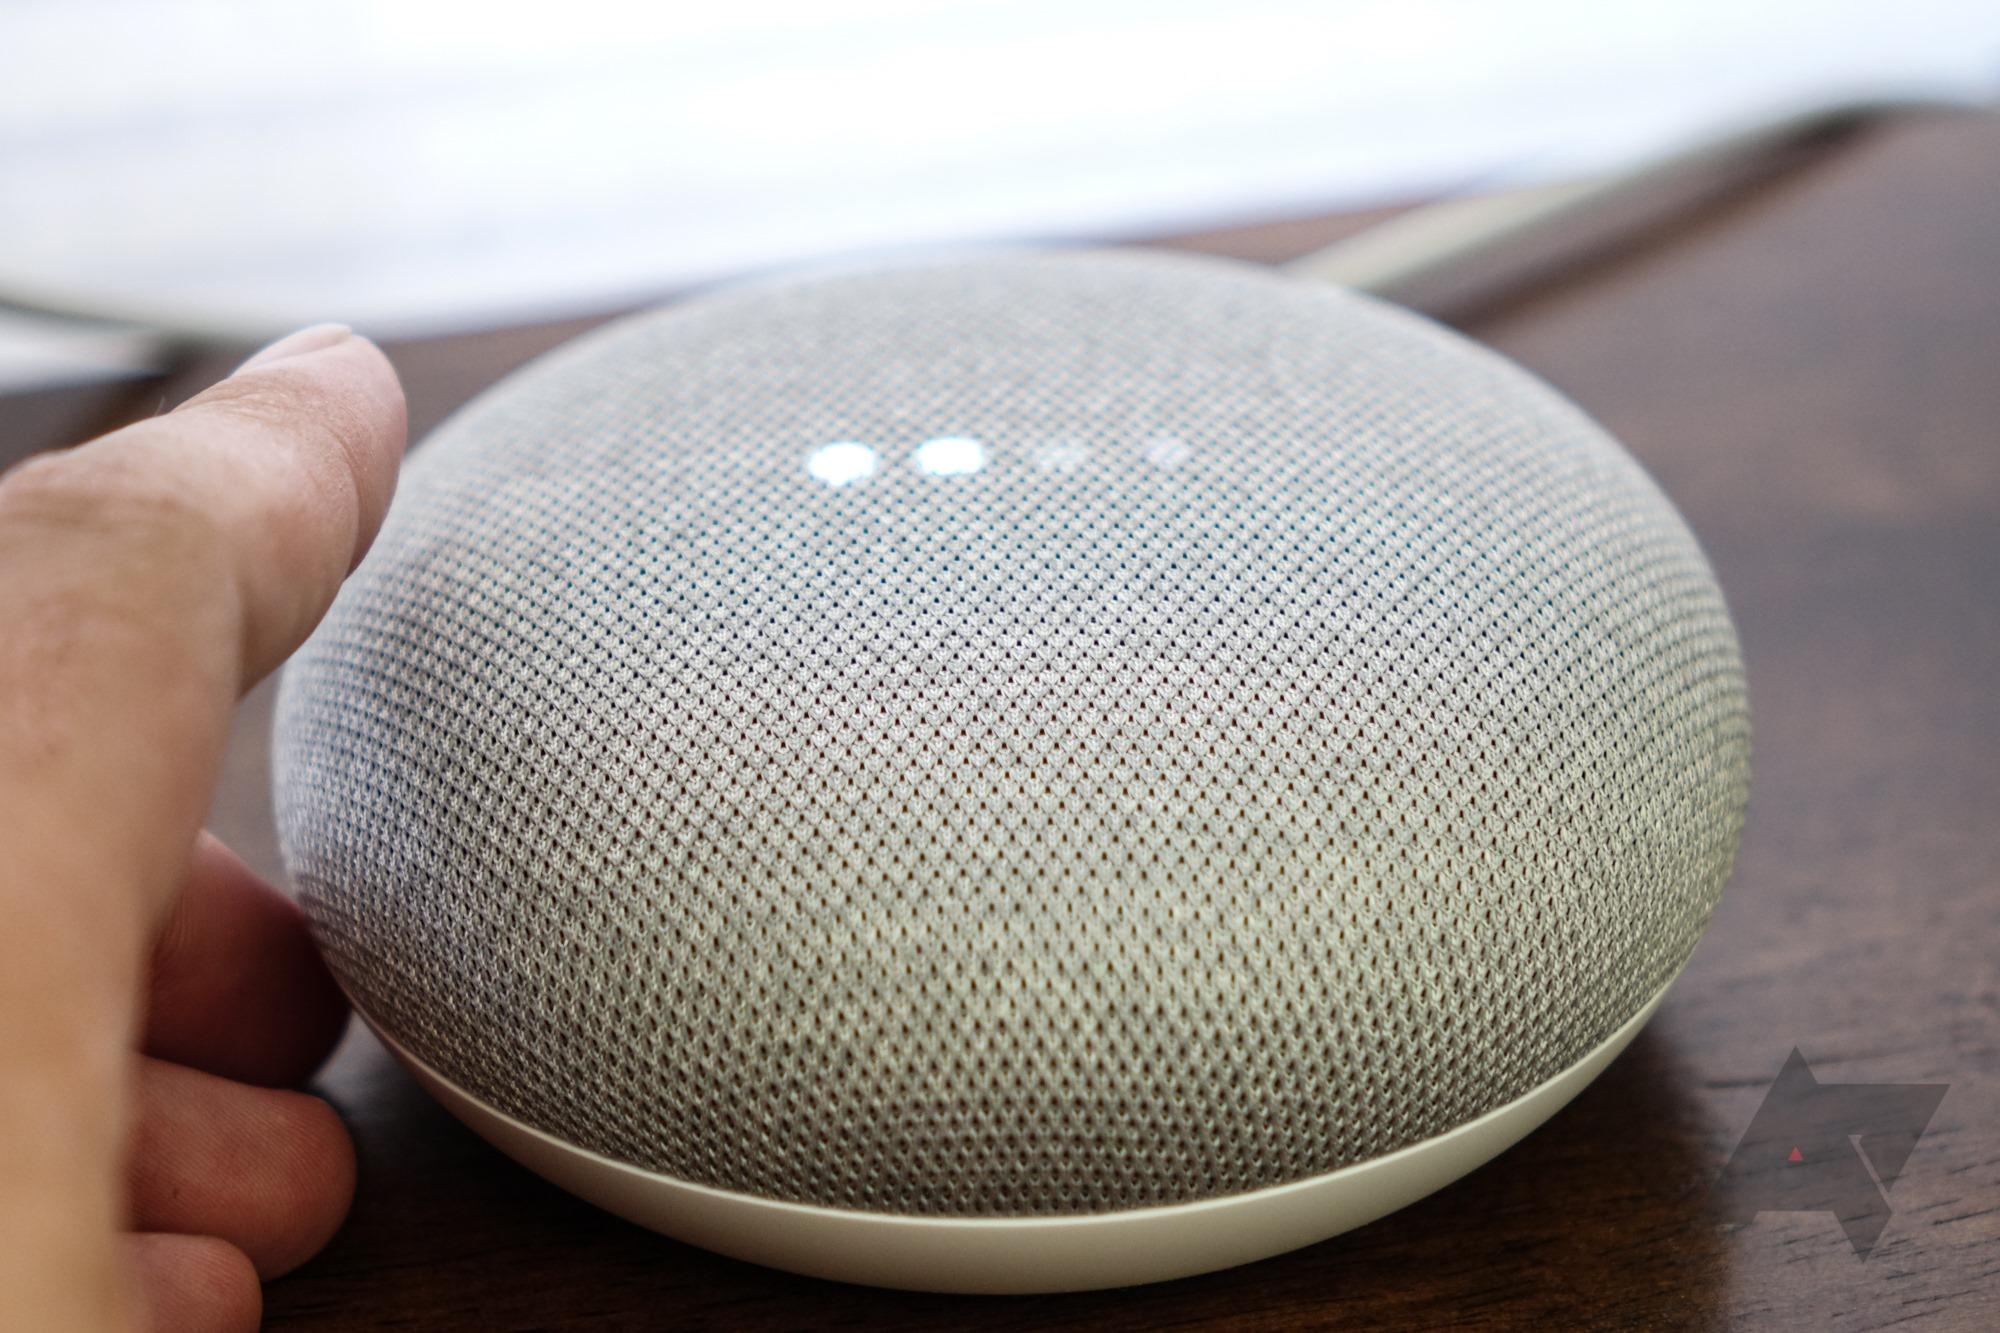 Google Home cuối cùng sẽ cho phép bạn điều chỉnh độ nhạy nghe OK của Google. 3